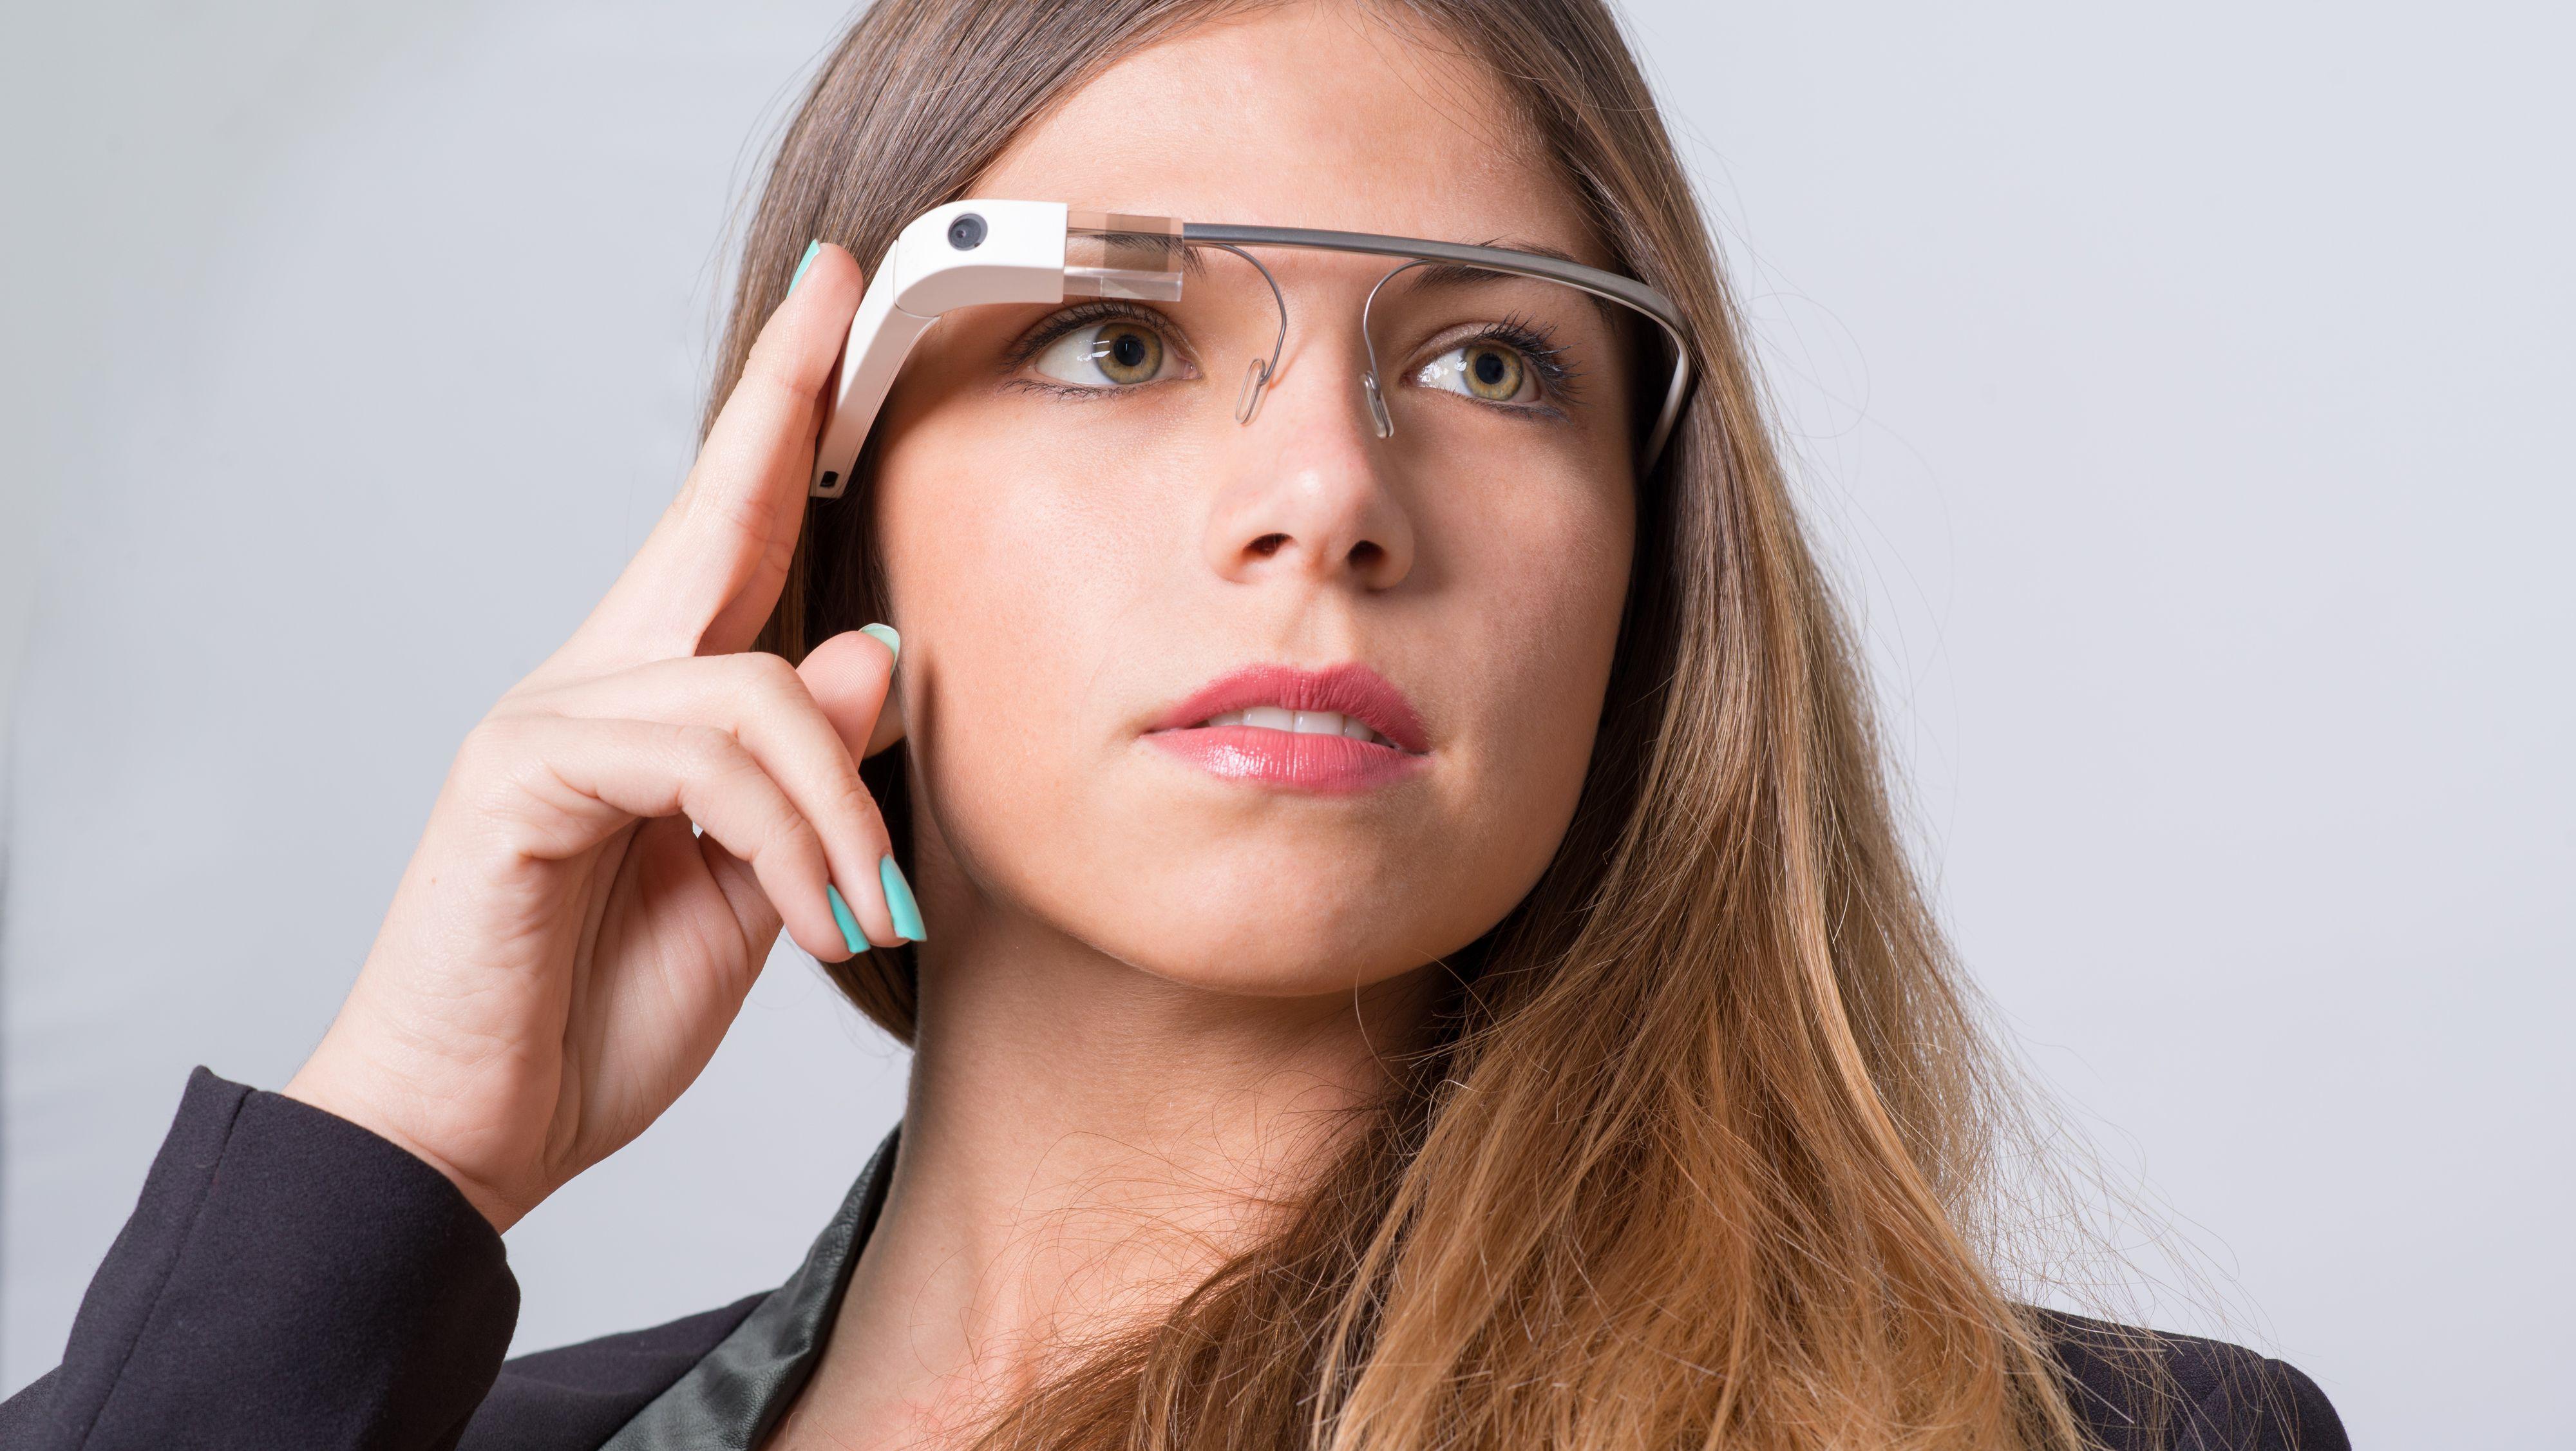 Google Glass har ikke blitt en stor suksess. Kanskje hjernebølge-avlesning blir redningen for smartbrille-segmentet?